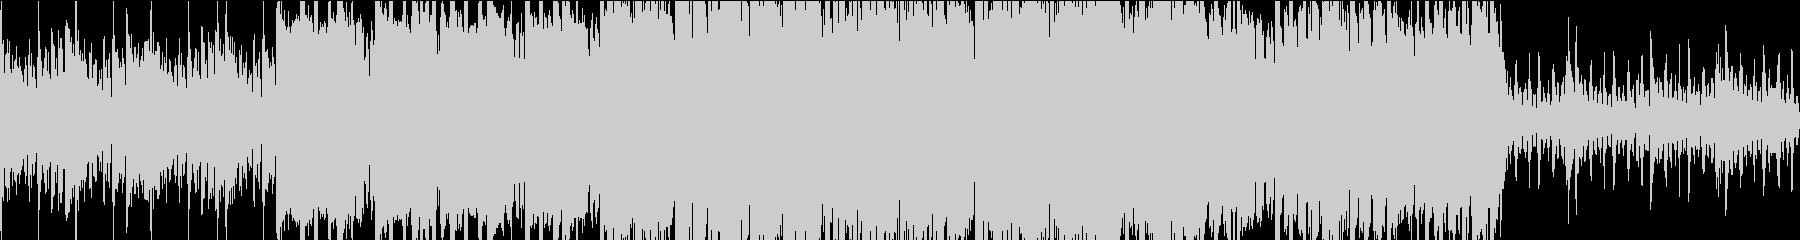 ロックなシネマティック ループの未再生の波形